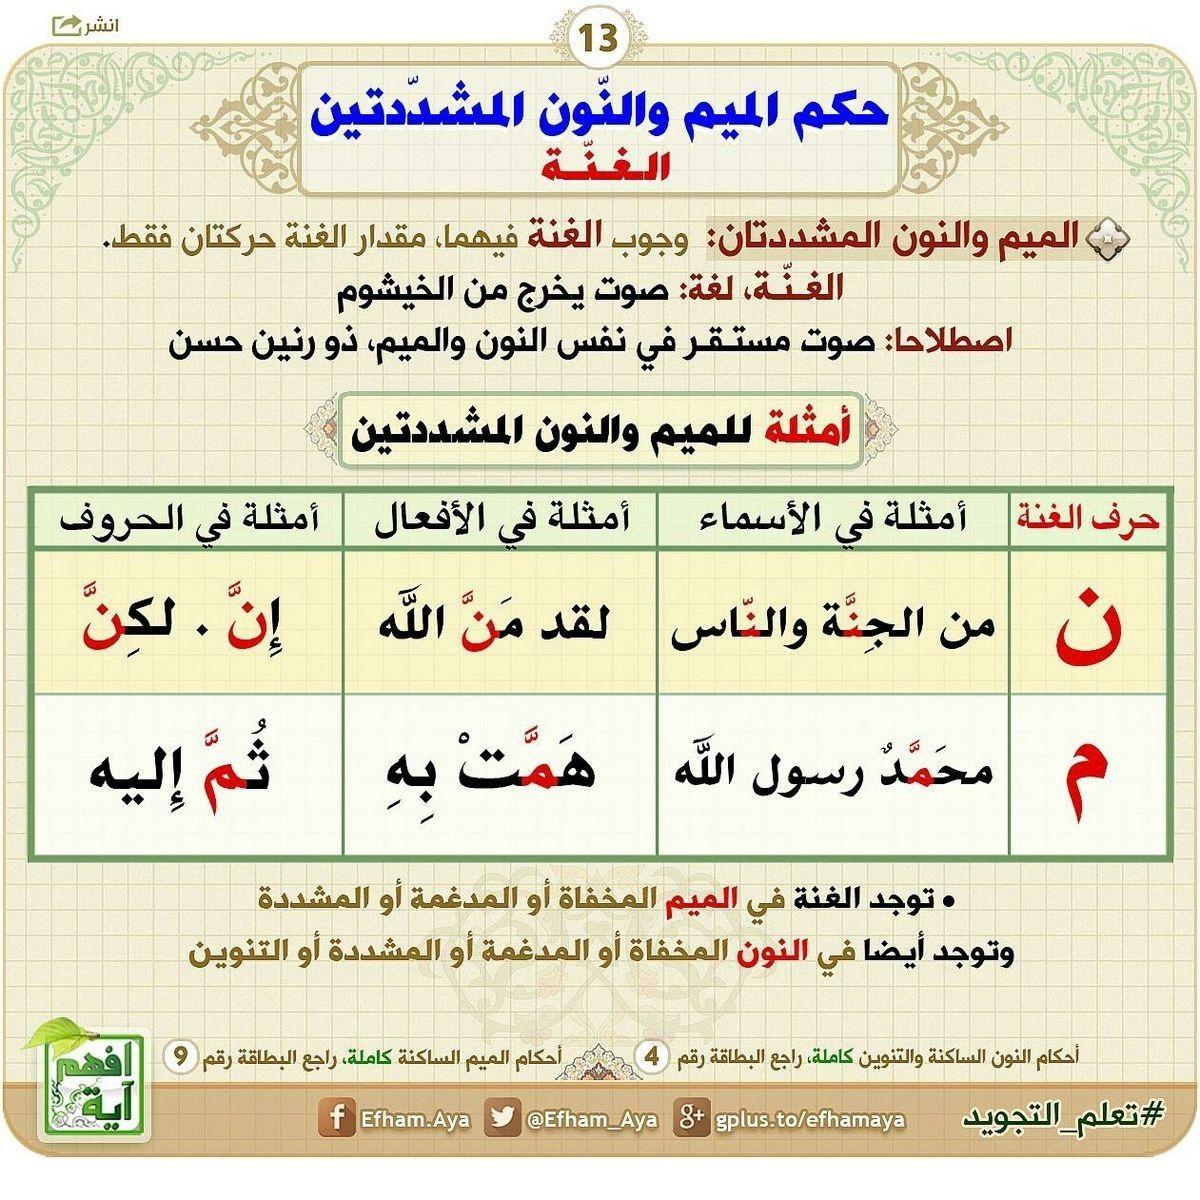 Pin By الراجية عفو ربها On حكم النون والميم المشددتين Tajweed Quran Quran Verses Learn Arabic Language